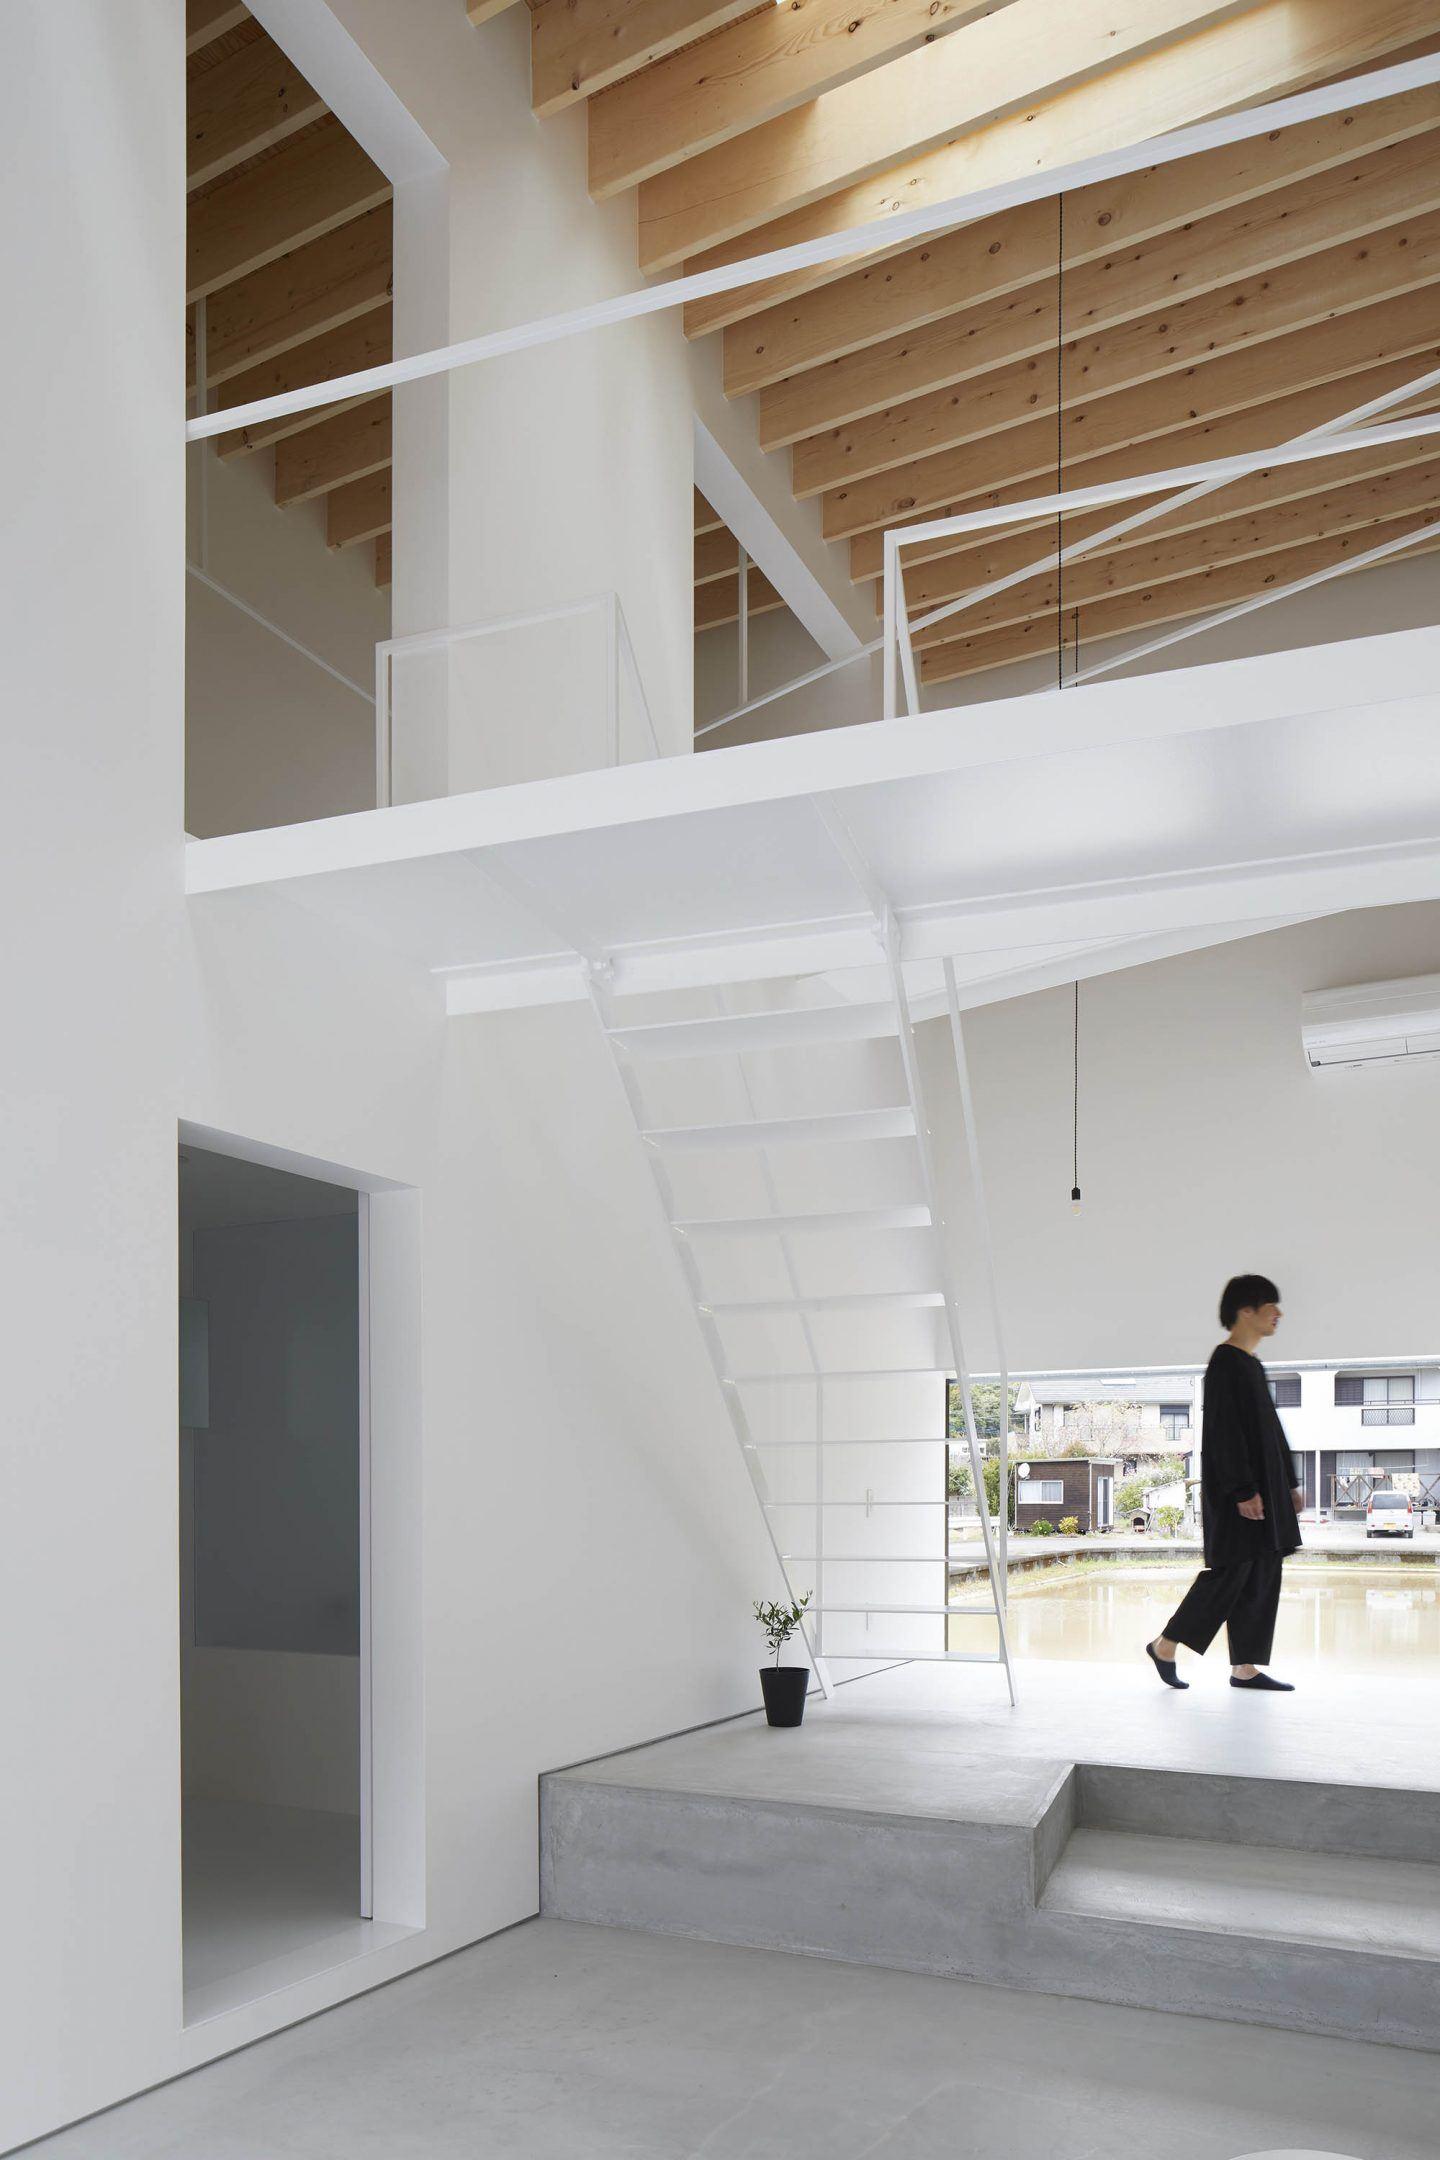 IGNANT-Architecture-Kento-Eto-Atelier-Kadokawas-House-11